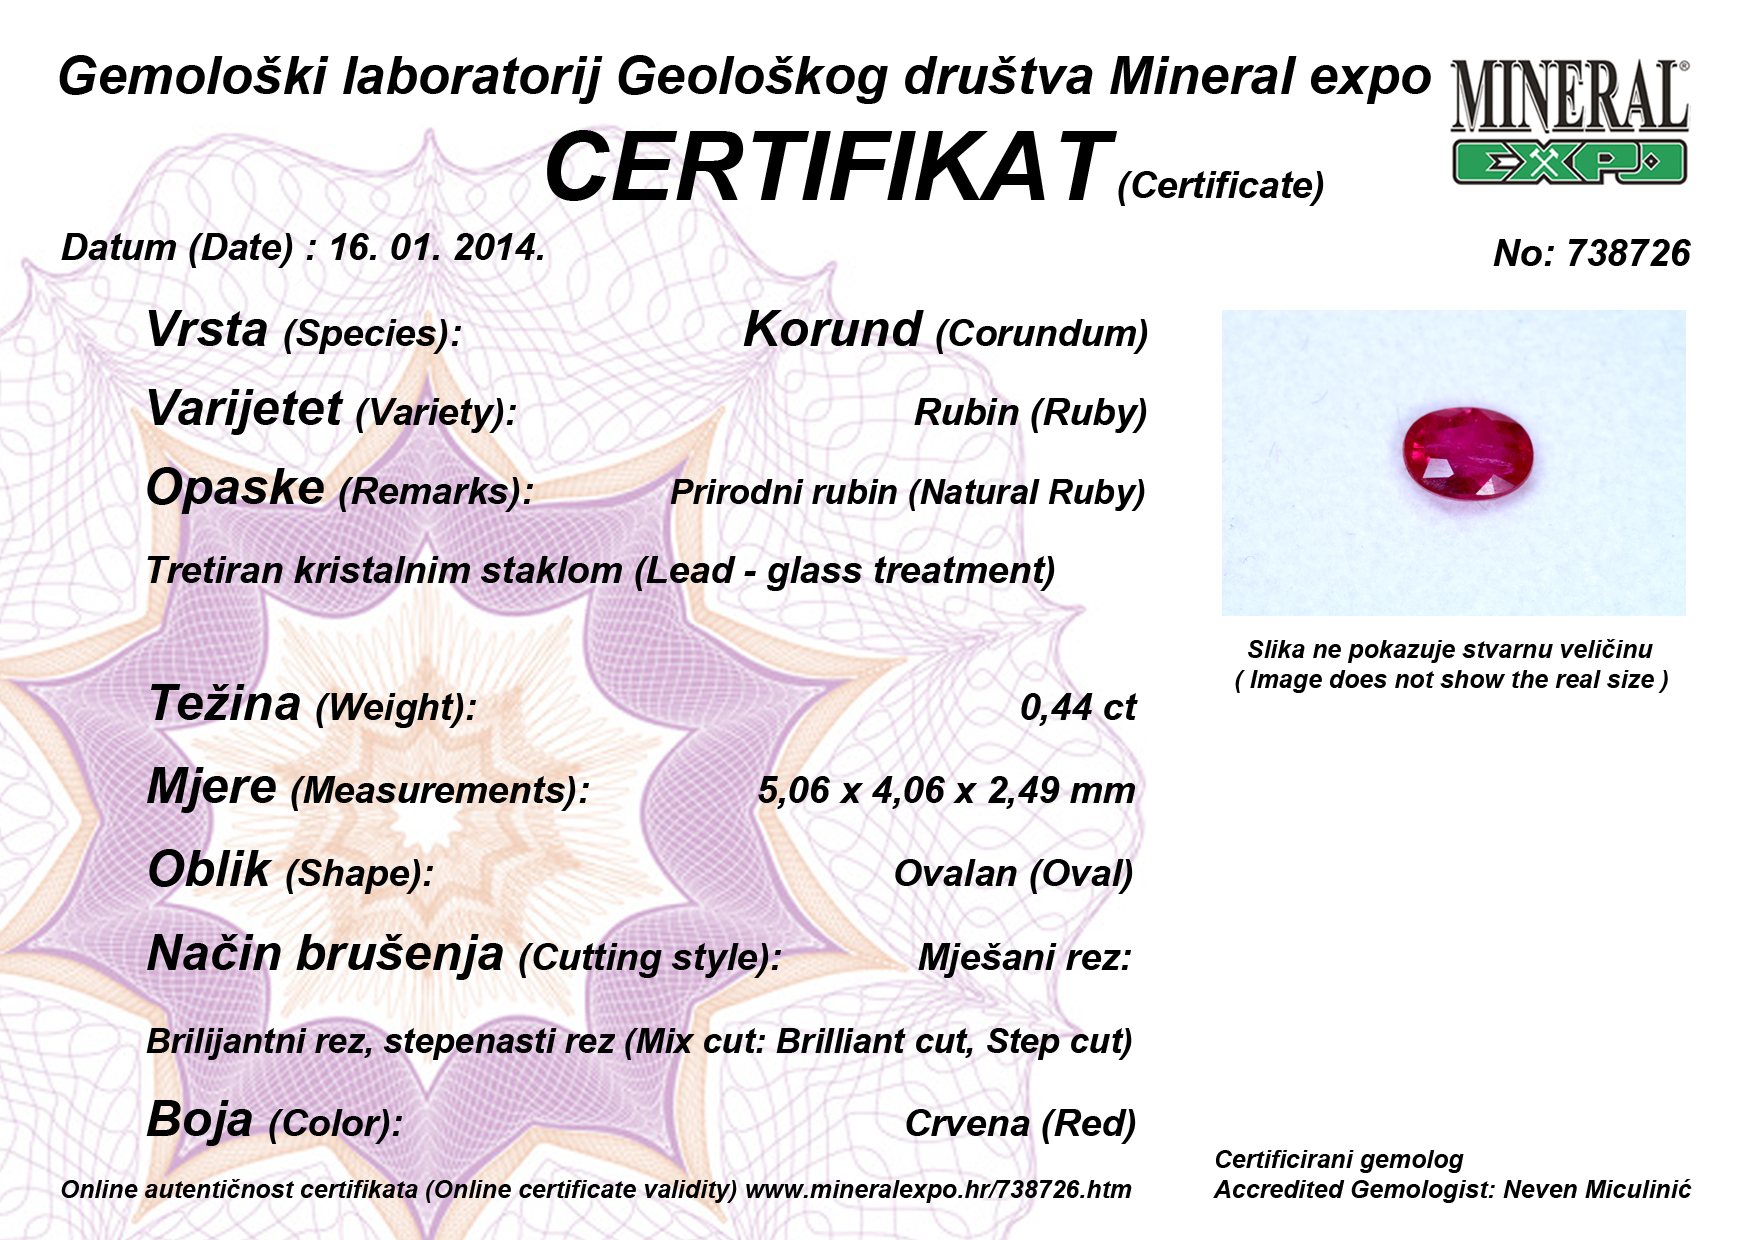 Certifikat za rubin